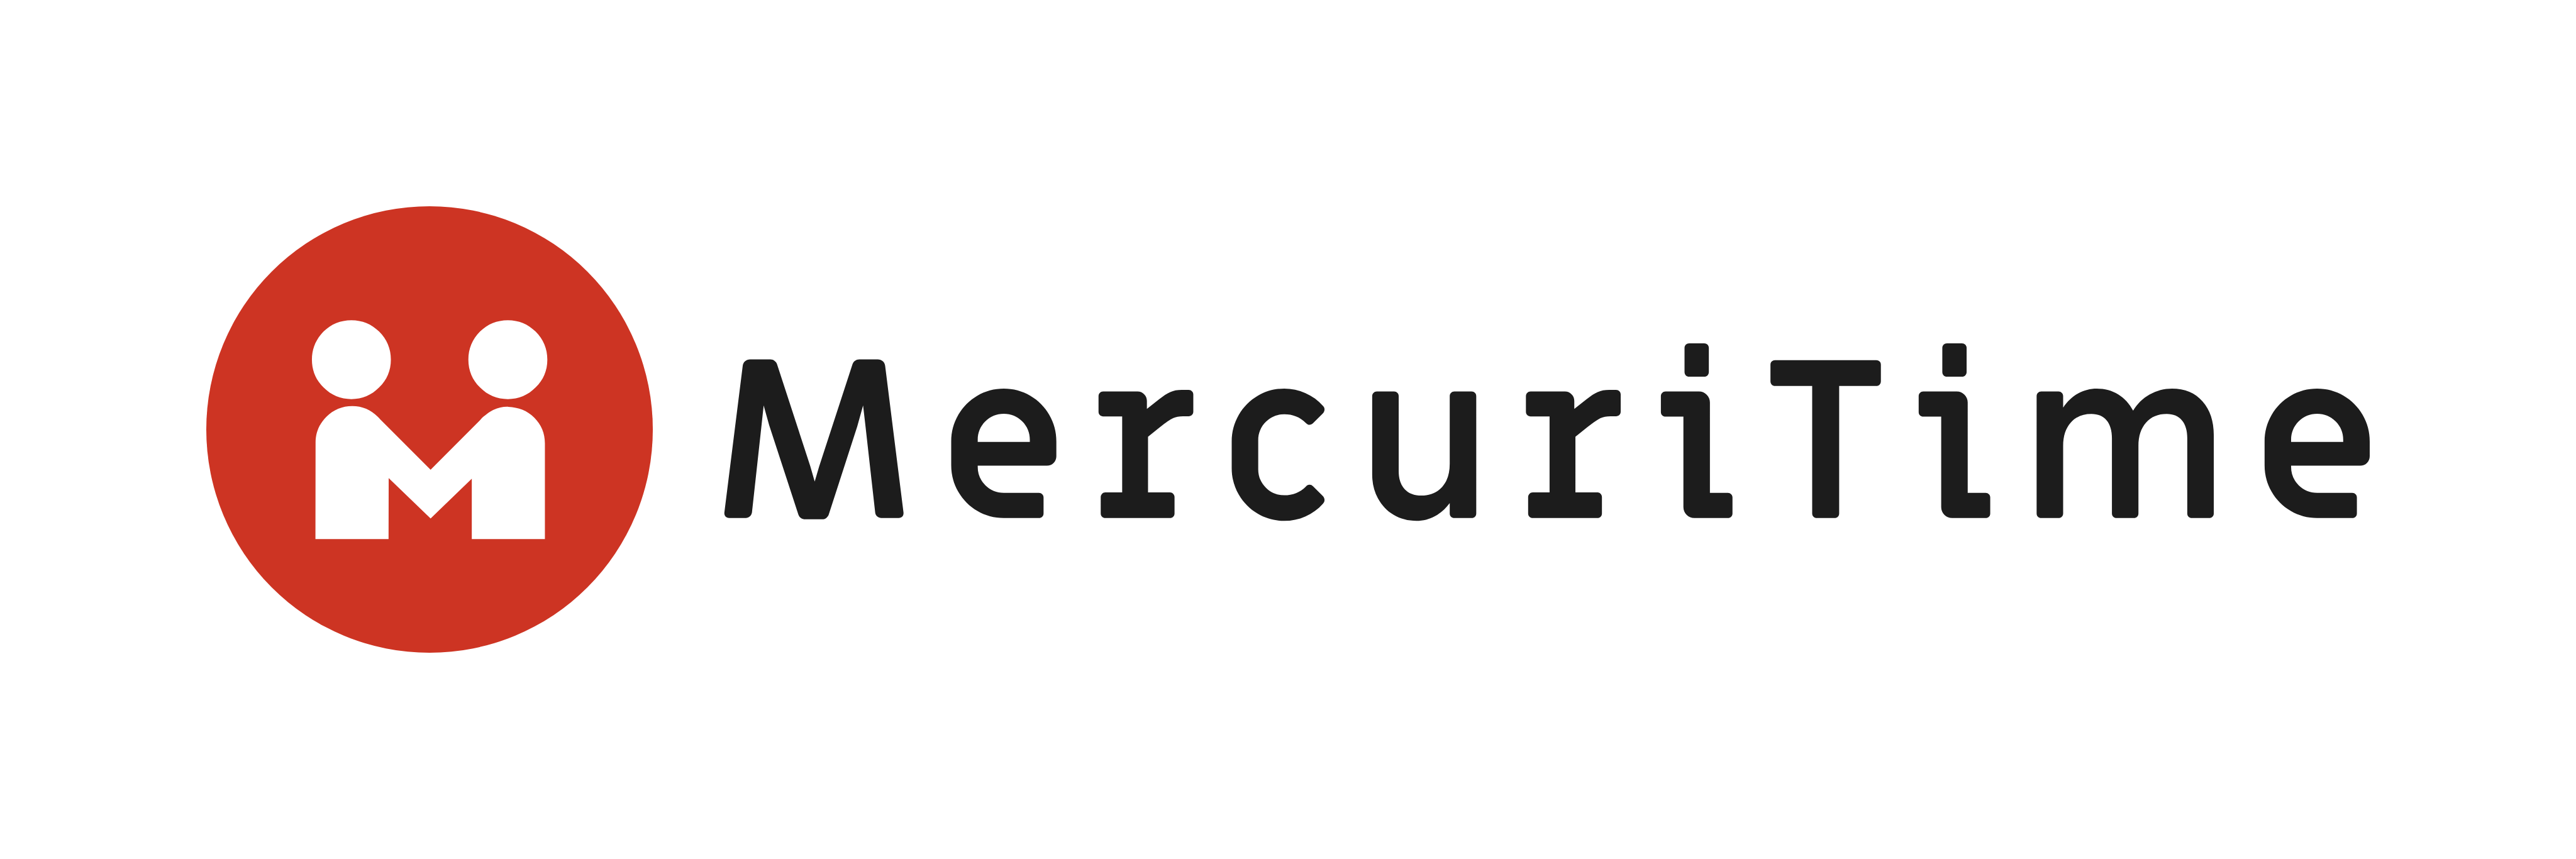 Mercuritime